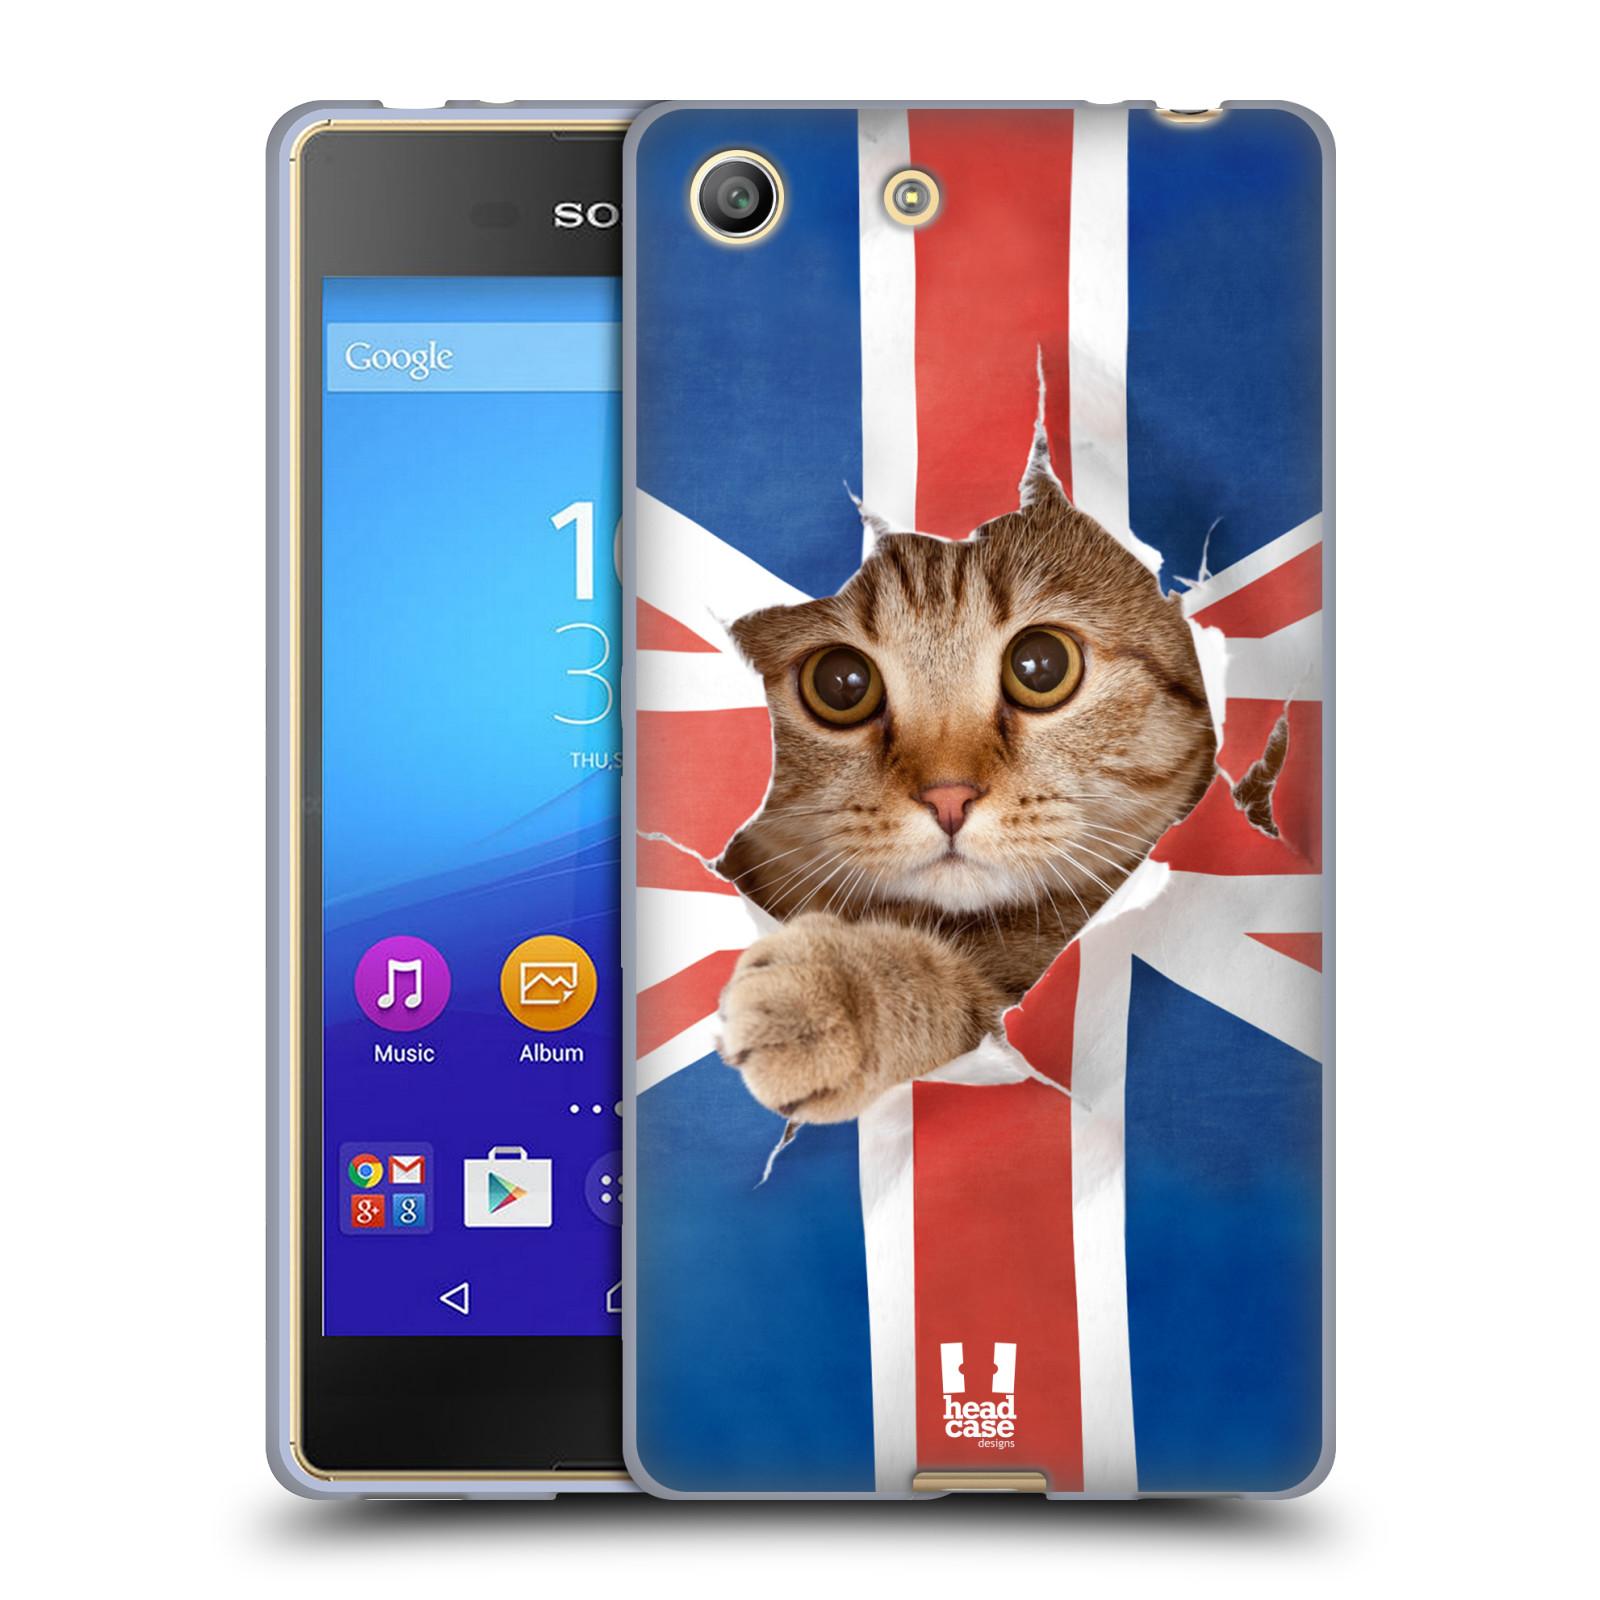 Silikonové pouzdro na mobil Sony Xperia M5 HEAD CASE KOČKA A VLAJKA (Silikonový kryt či obal na mobilní telefon Sony Xperia M5 Dual SIM / Aqua)